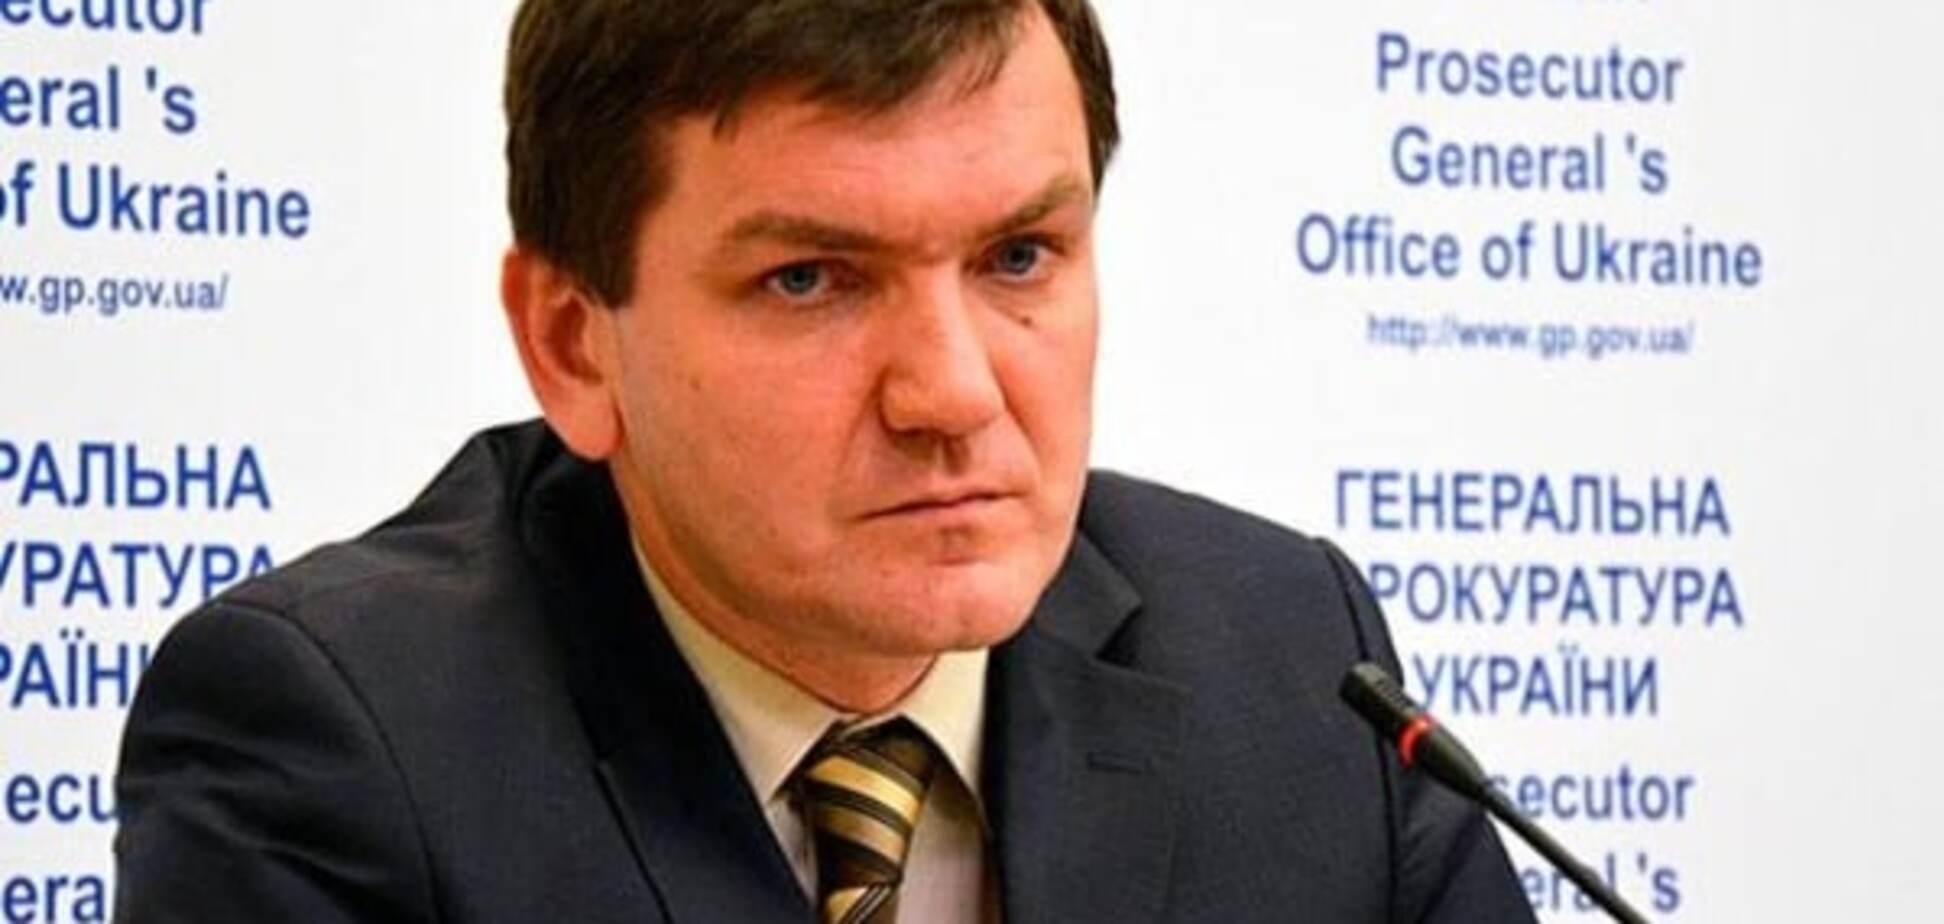 Горбатюк про справу 2 травня в Одесі: ГПУ розслідувала лише частину подій